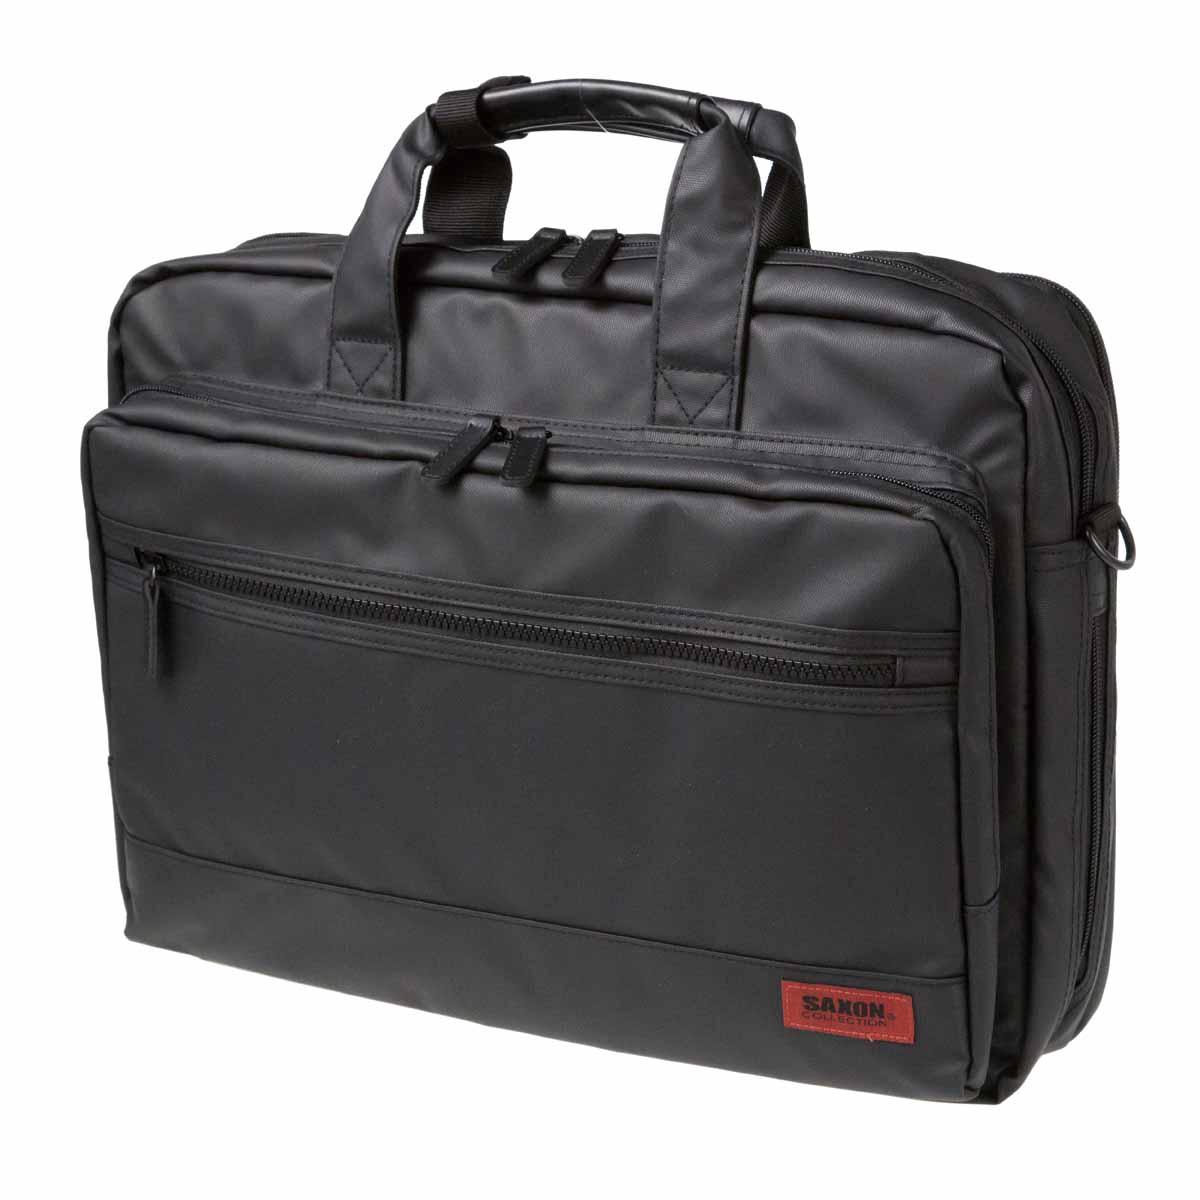 ビジネスバッグ SAXON サクソン A4 No:5146 耐水 防汚 カーボンコーティング素材 2ルーム ノートPC 対応 B4 ファイル 対応 軽量 エクスパンダブル 通勤 通学 就活